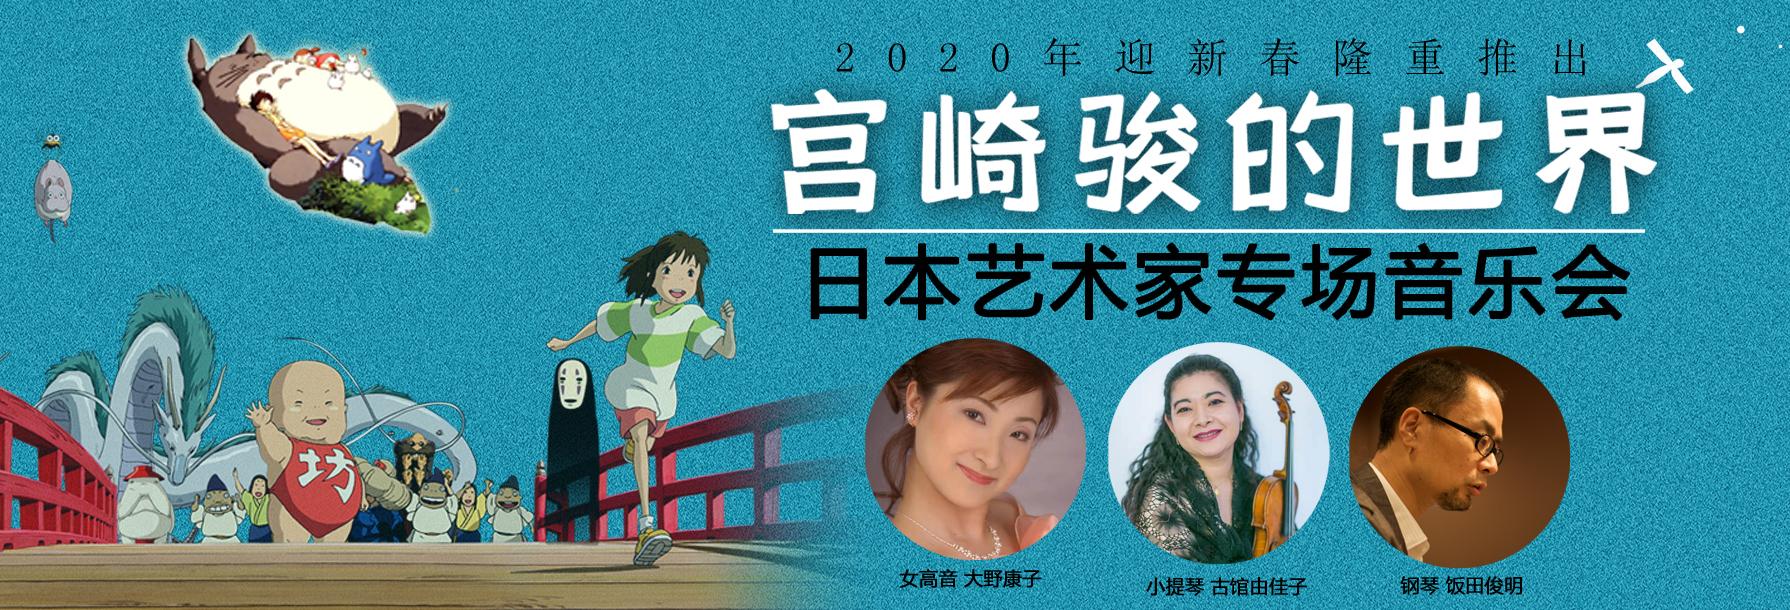 《宫崎骏的世界》音乐会